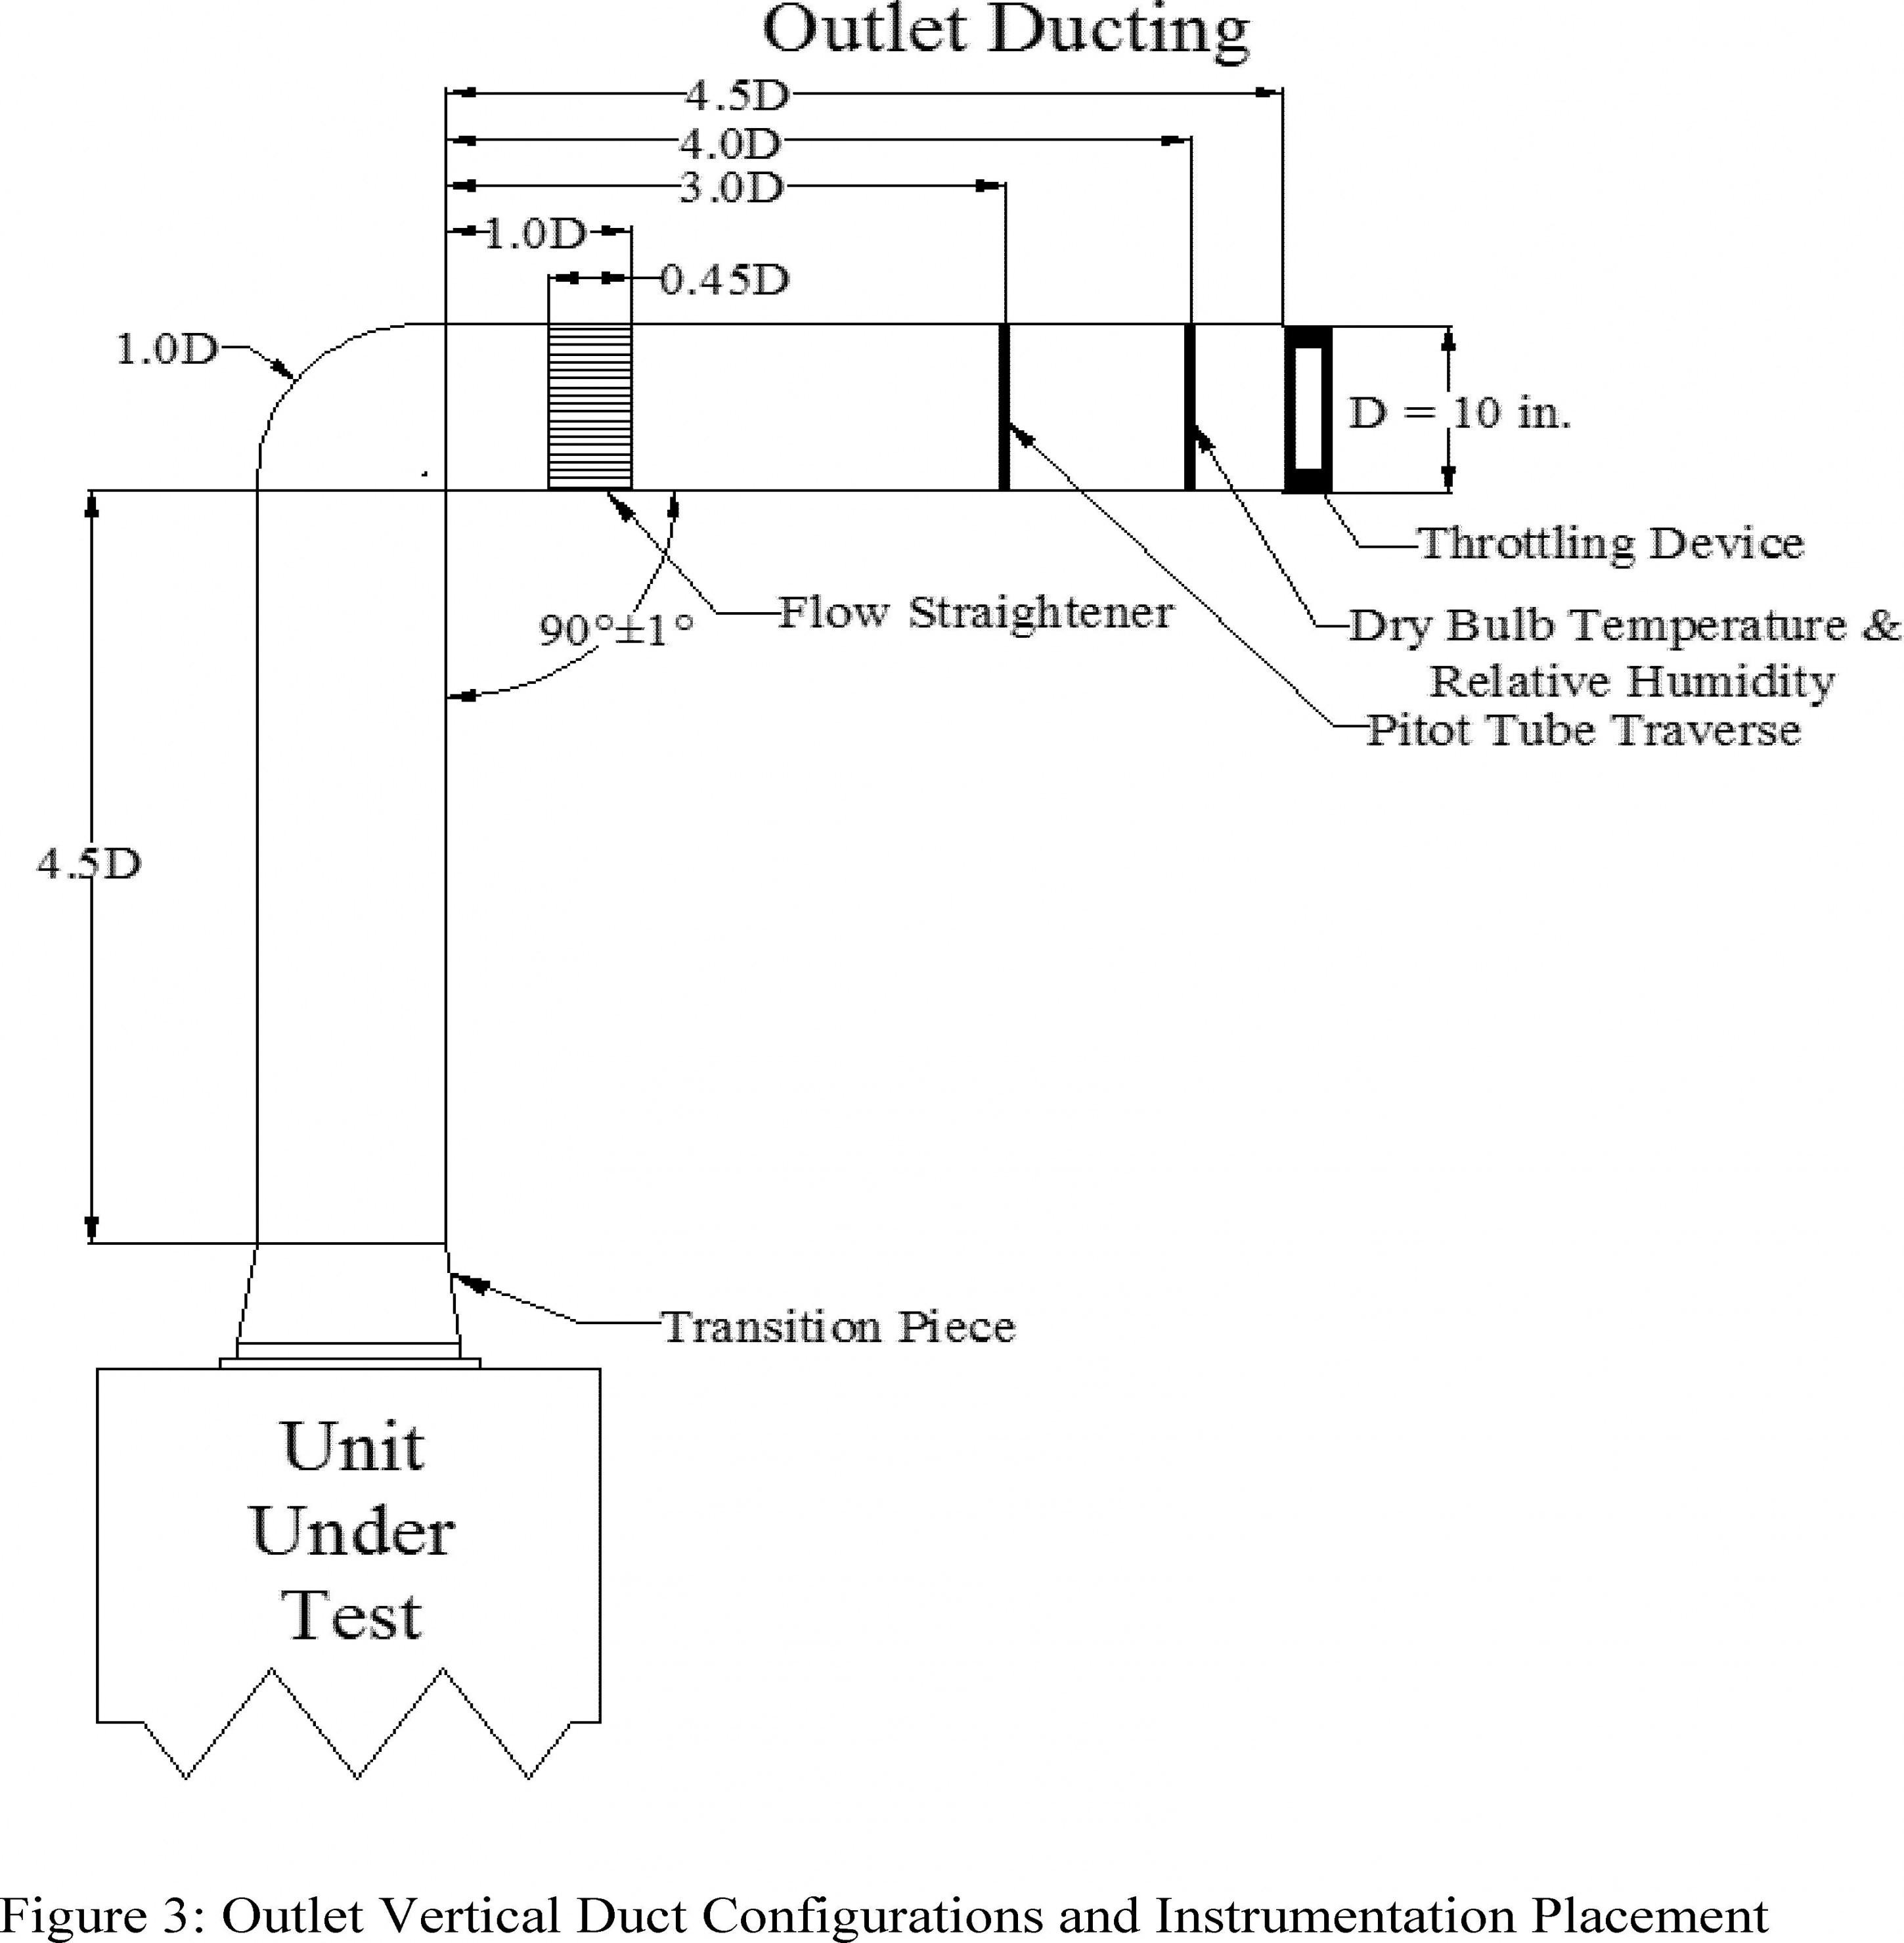 Pt Cruiser Wiring Diagram 988b1ad 2003 ford F 250 Fuse Block Diagram Of Pt Cruiser Wiring Diagram